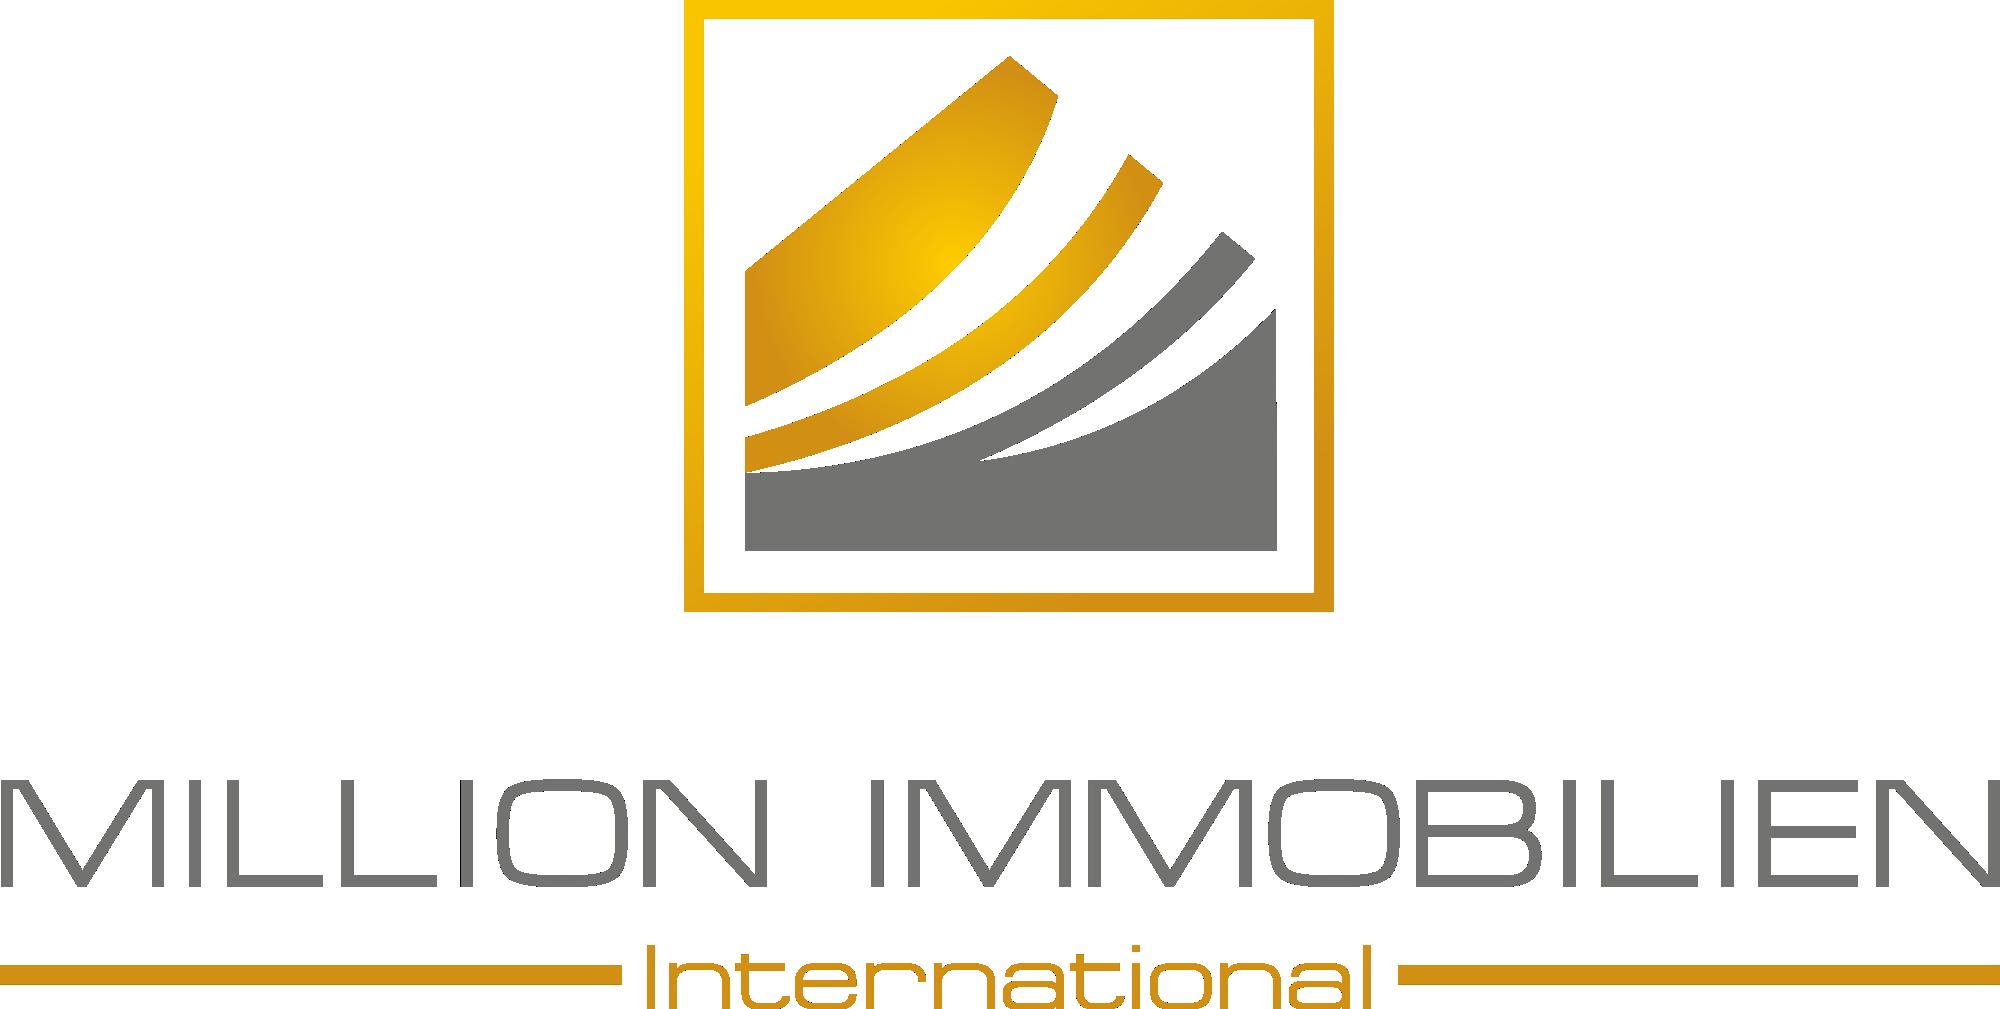 Hier sehen Sie das Logo von MILLION-Immobilien